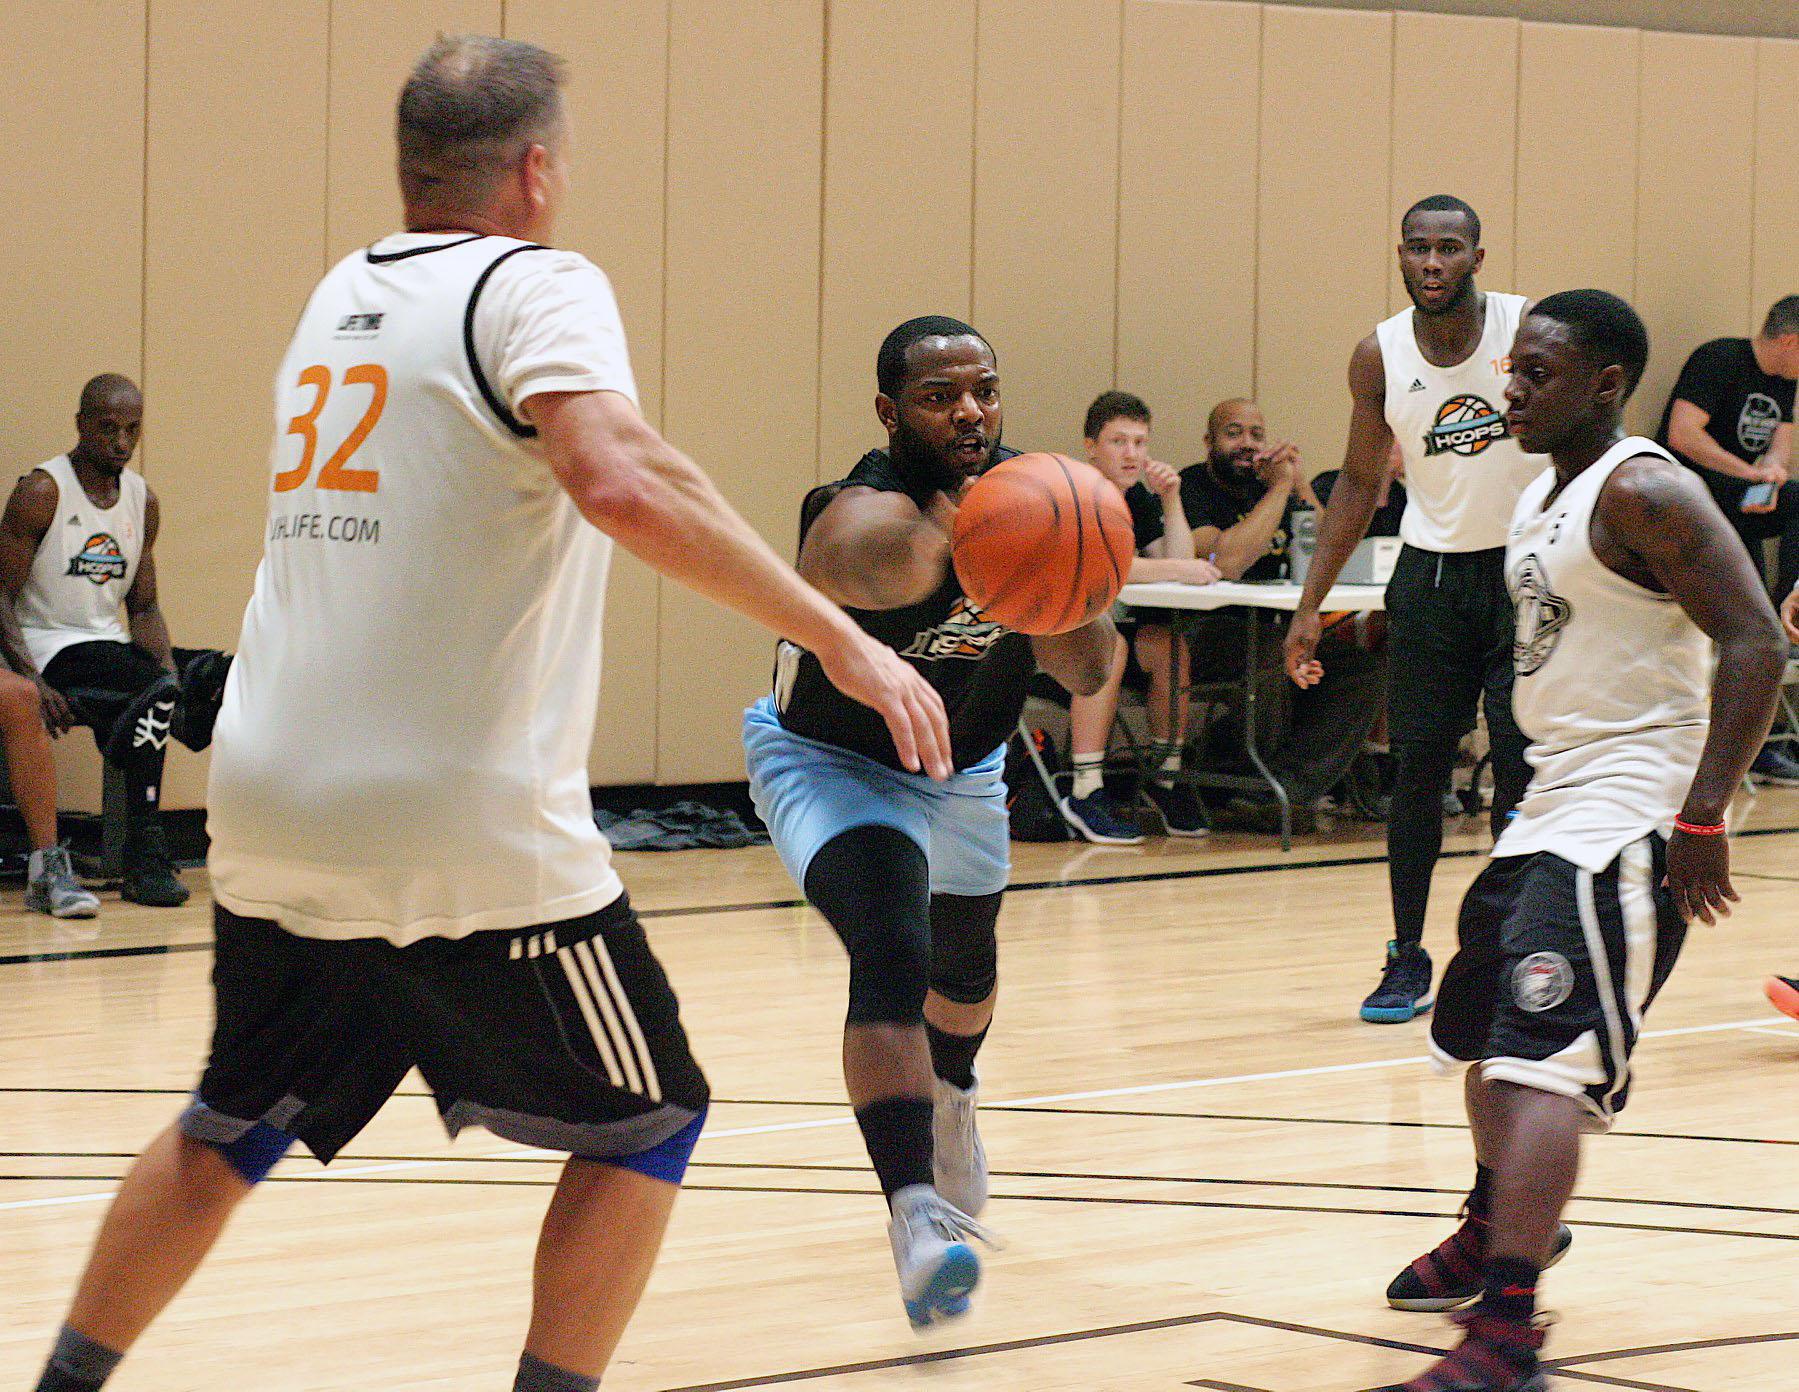 gaithersburg_ultimate_hoops_basketball.jpg